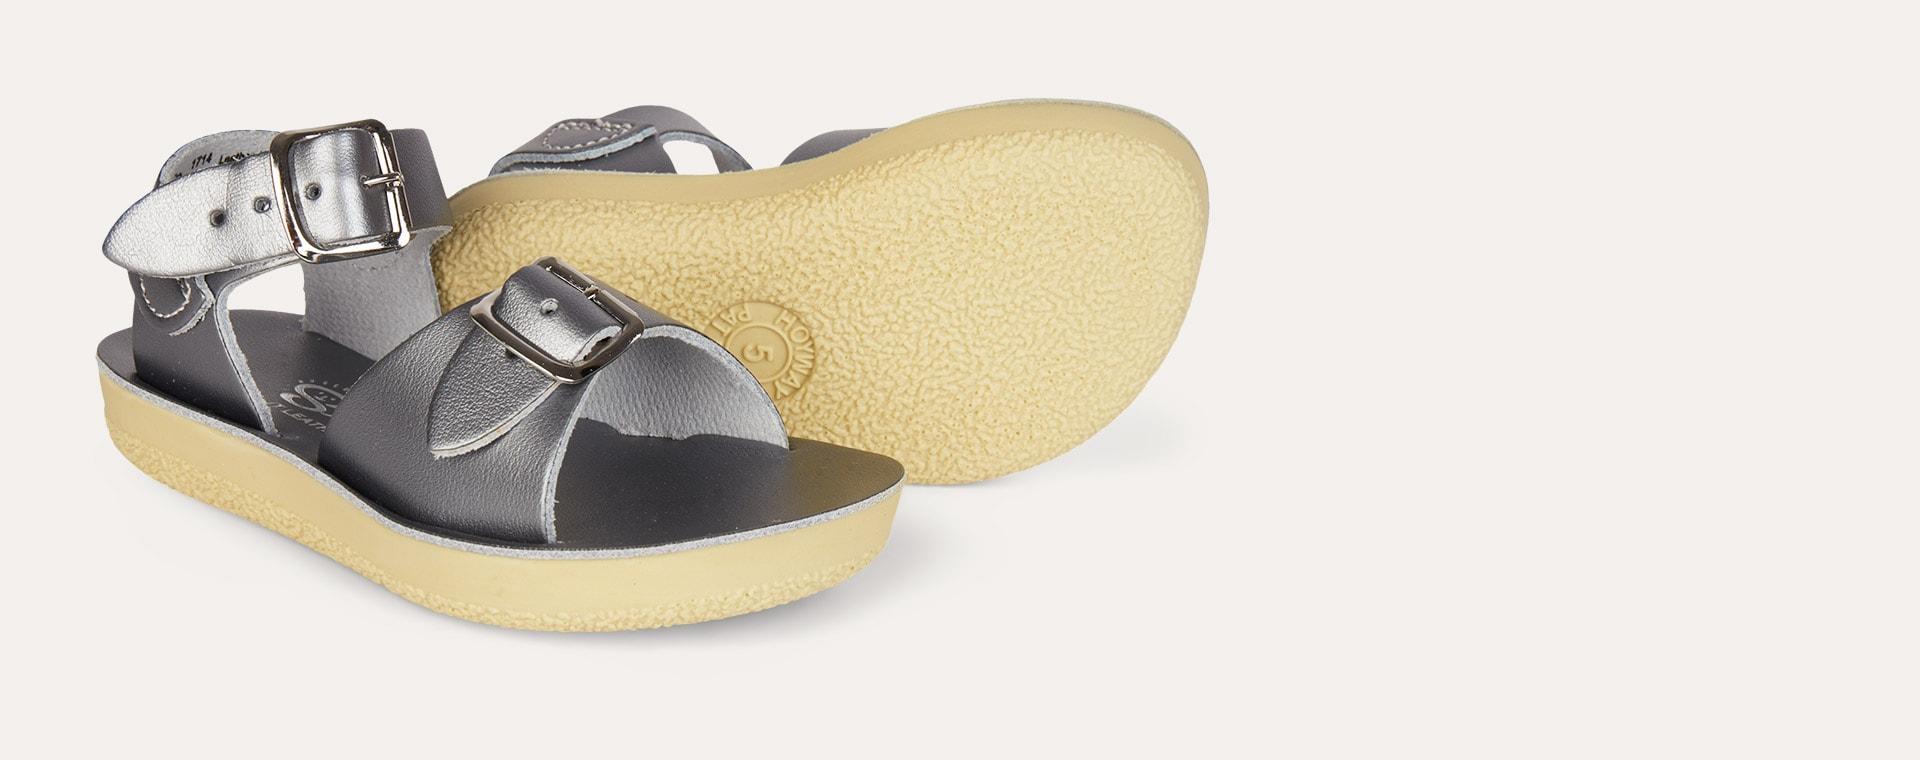 Pewter Salt-Water Sandals Surfer Sandal